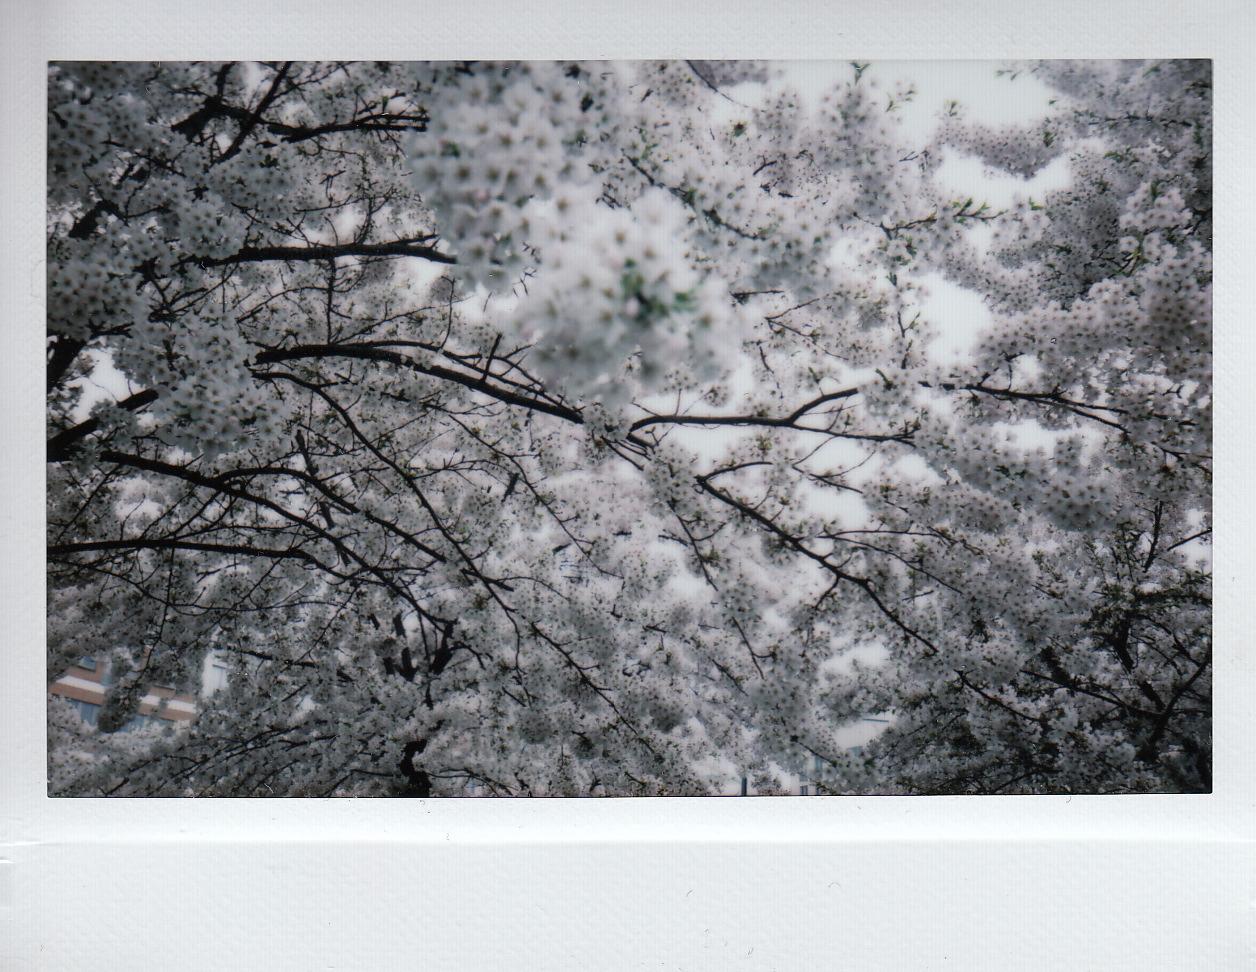 Vår och körsbärsblom.